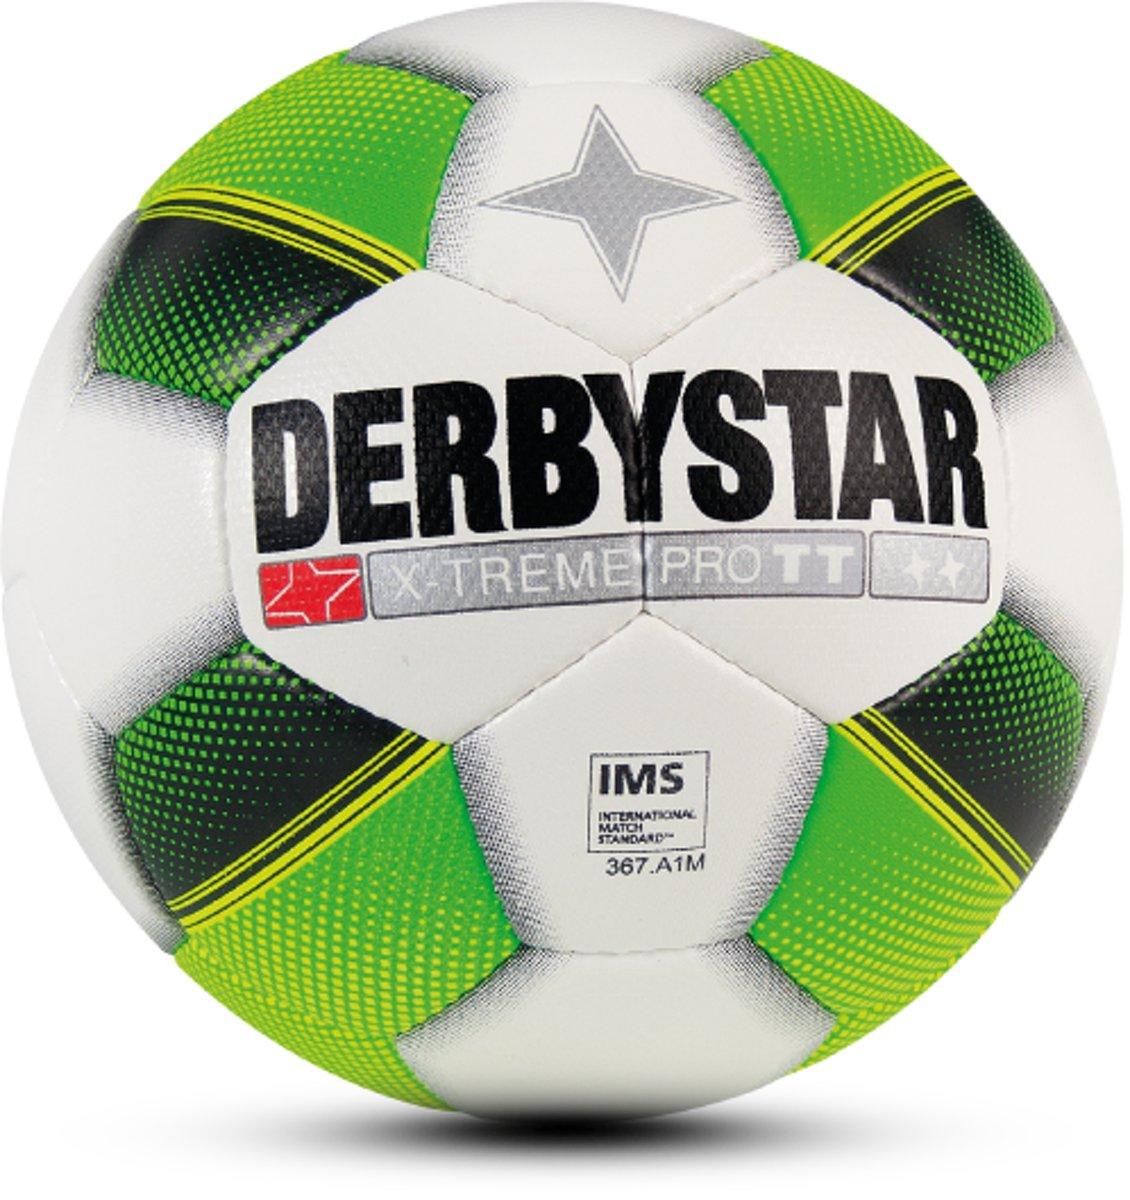 Derbystar VoetbalVolwassenen - wit/groen/geel